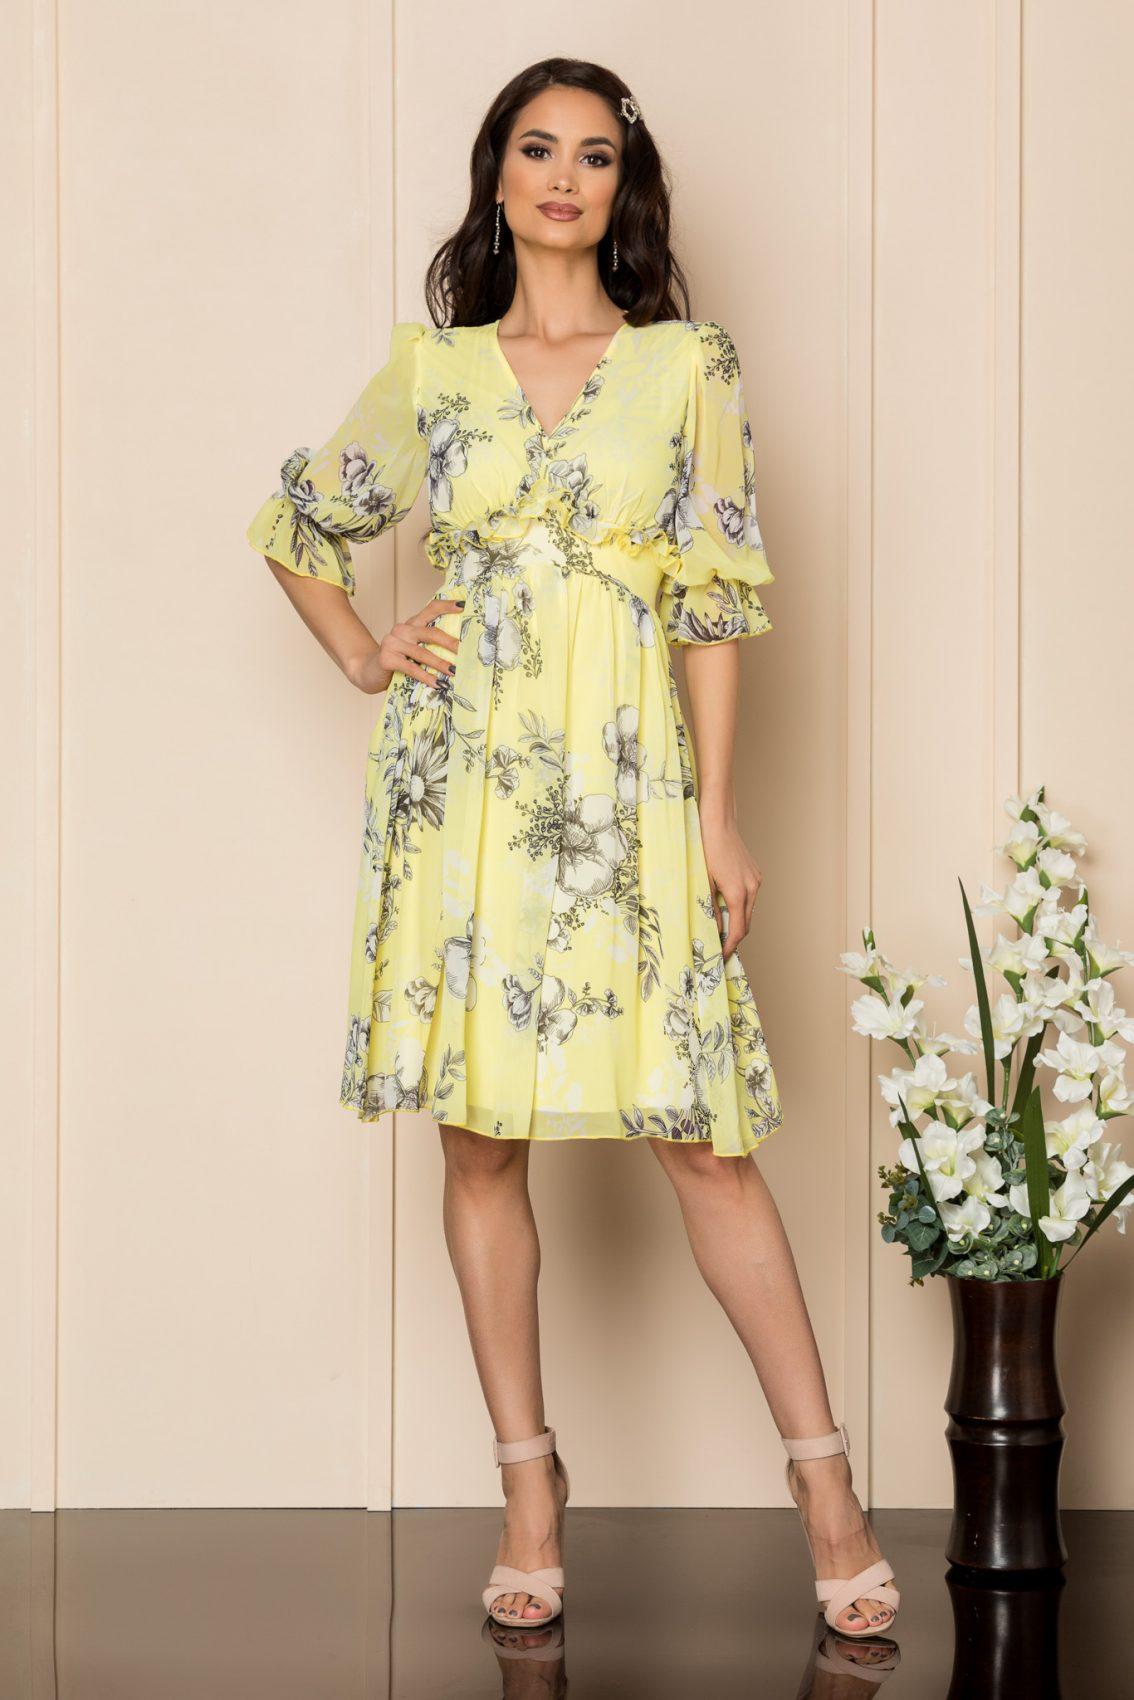 Κίτρινο Φλοράλ Φόρεμα Με Βολάν Floris A395 1